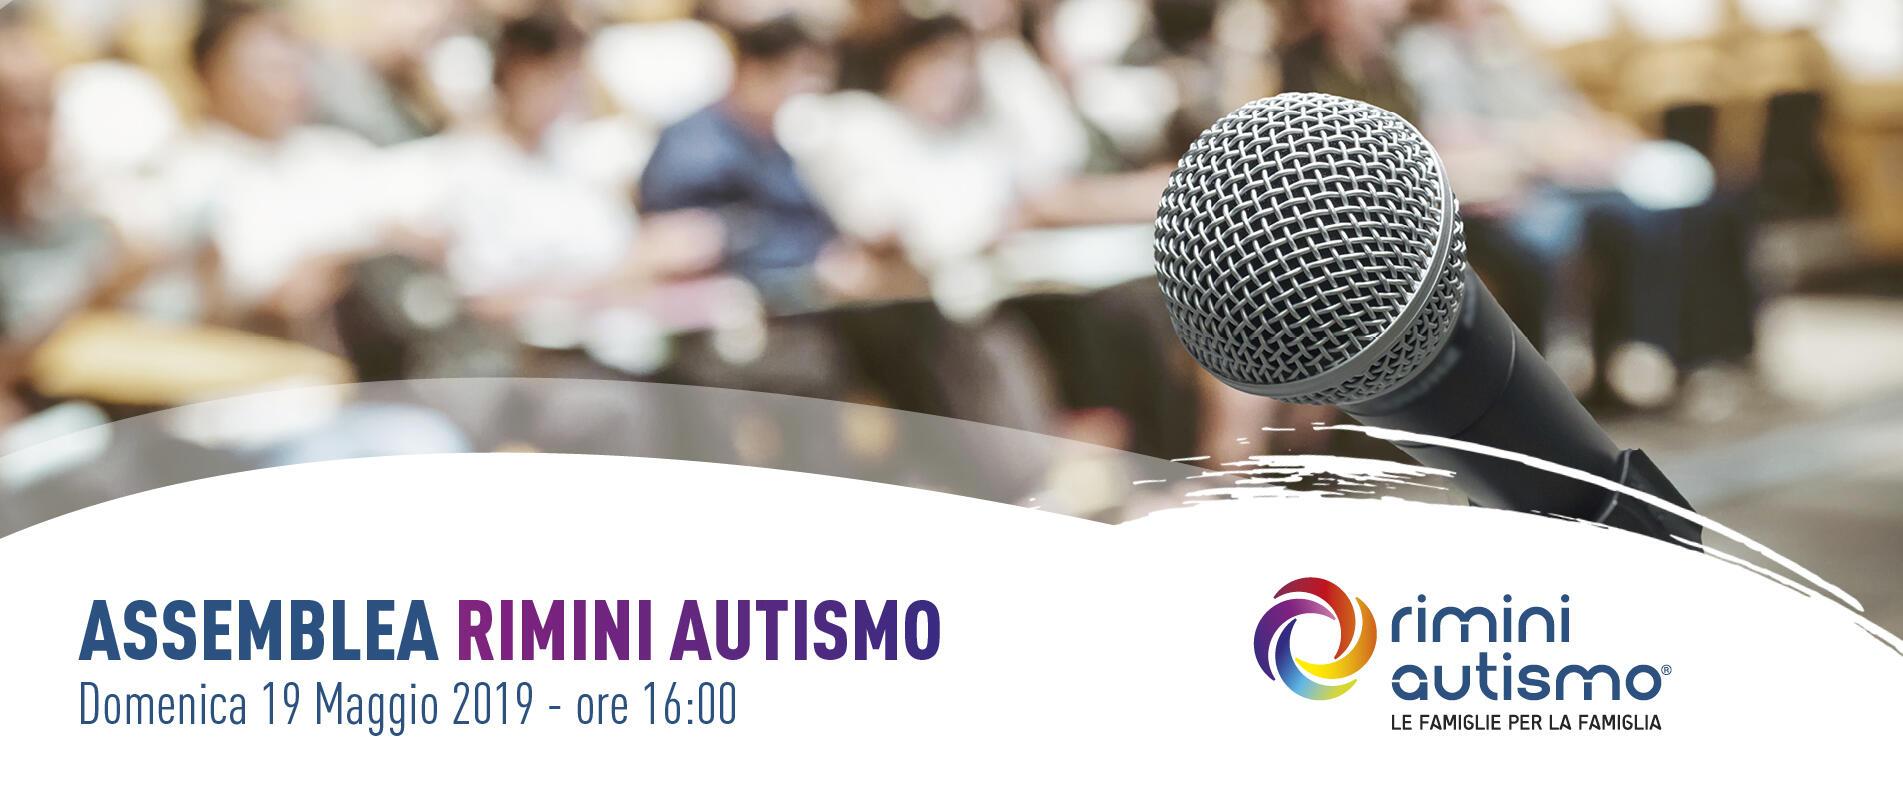 assemblea rimini autismo onlus